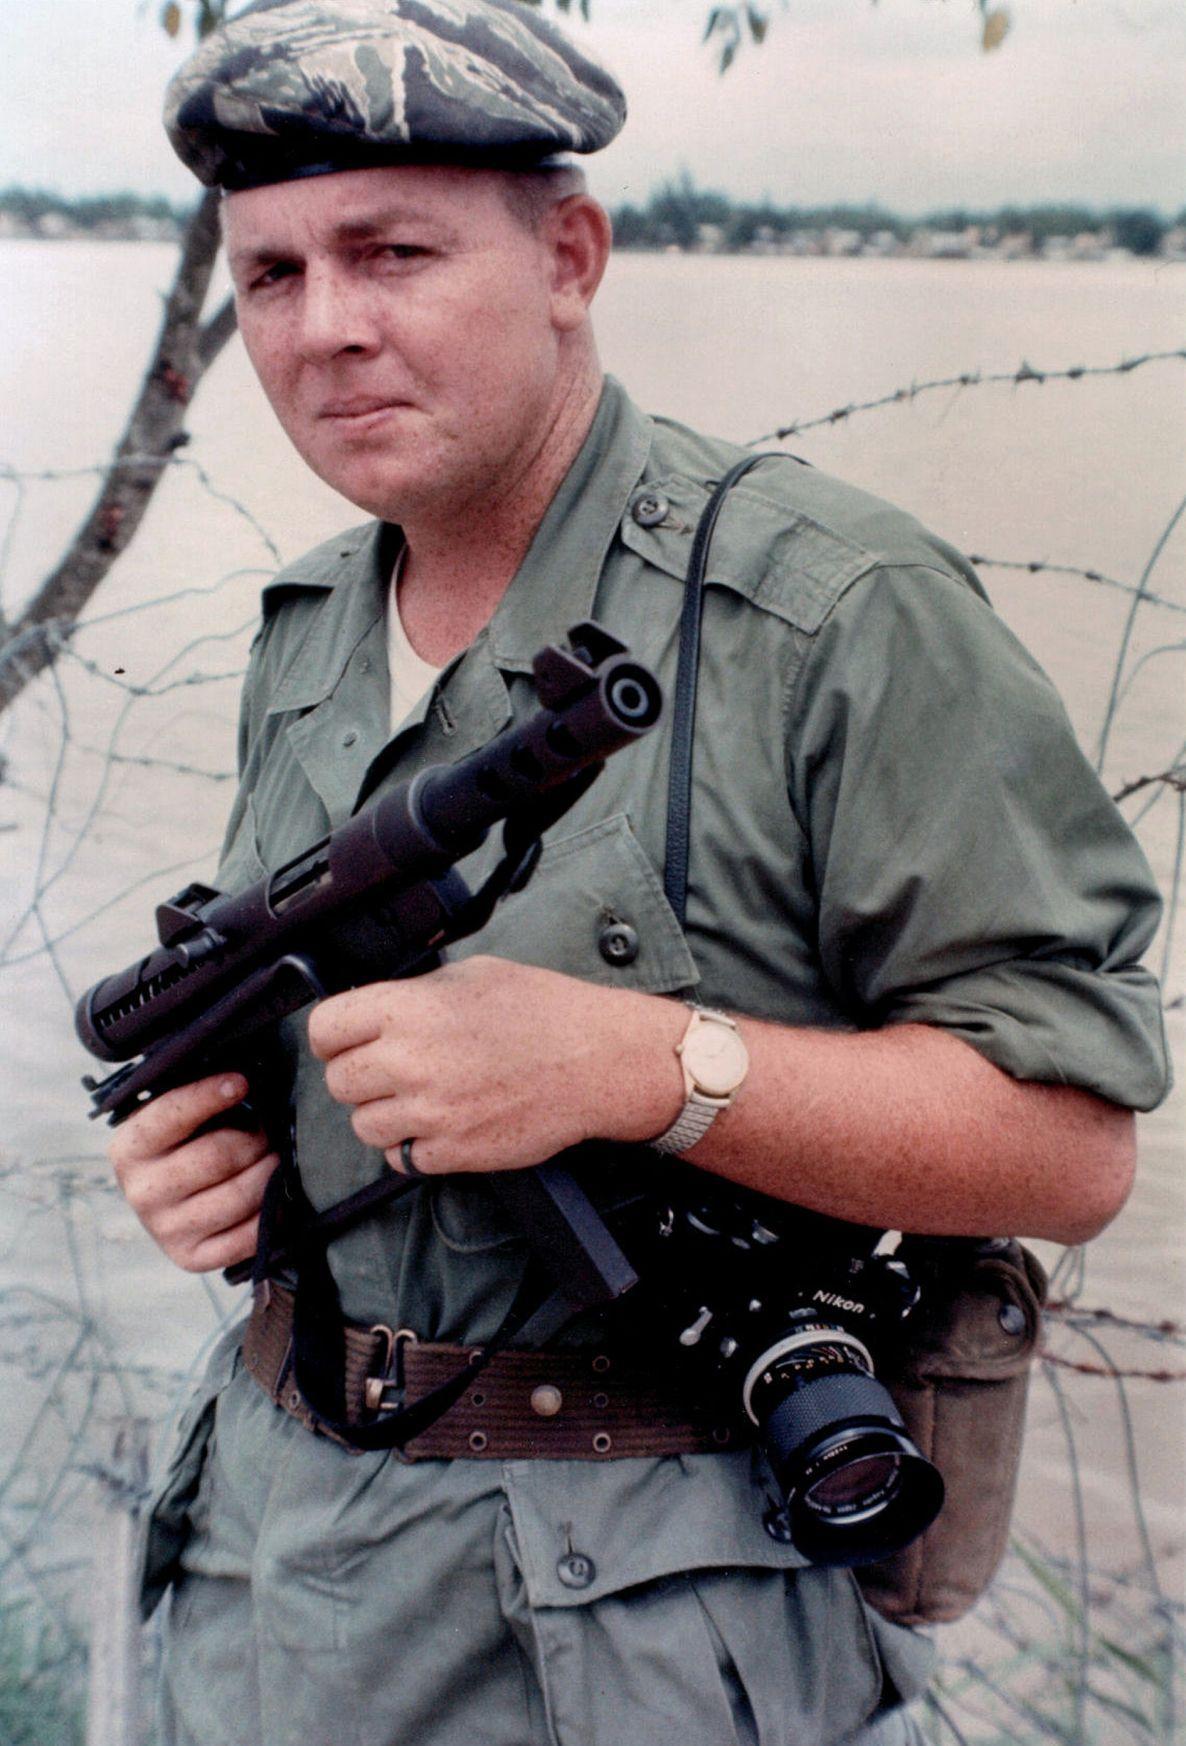 Storied war reporter Joe Galloway - 242.3KB